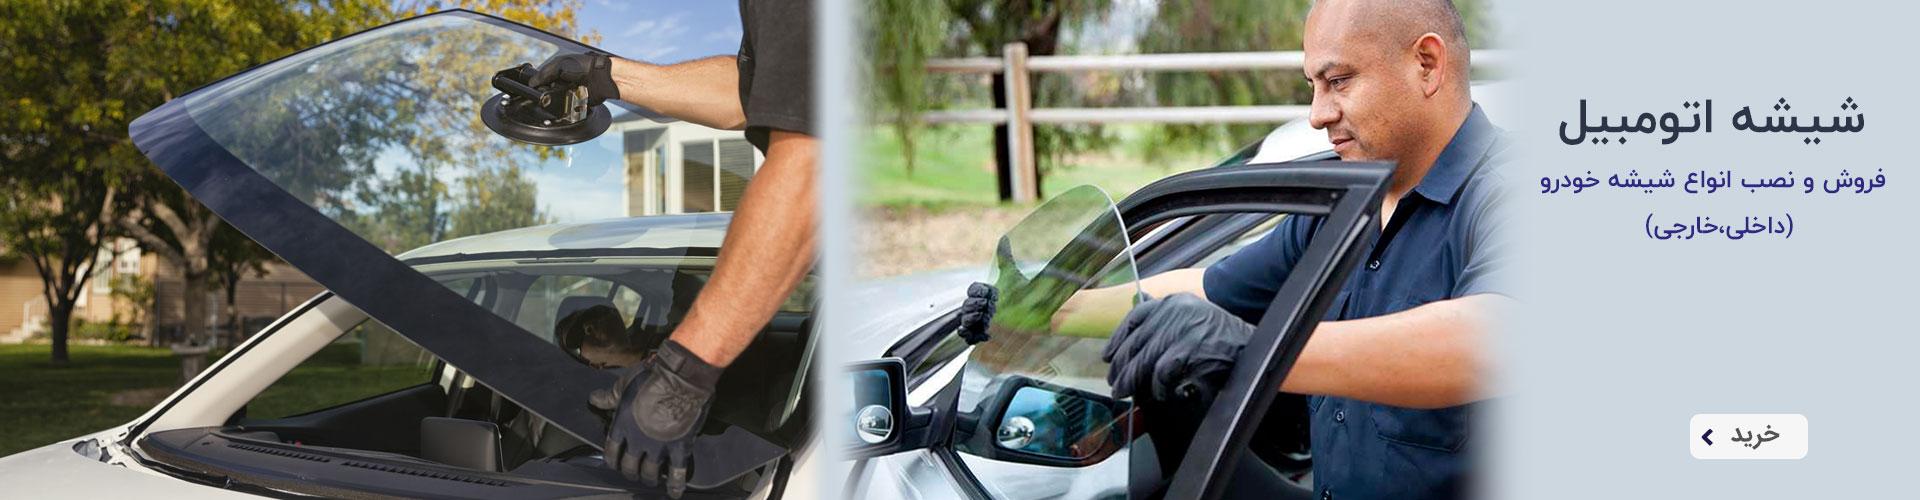 شیشه خودرو - فروشگاه اینترنتی ولاش